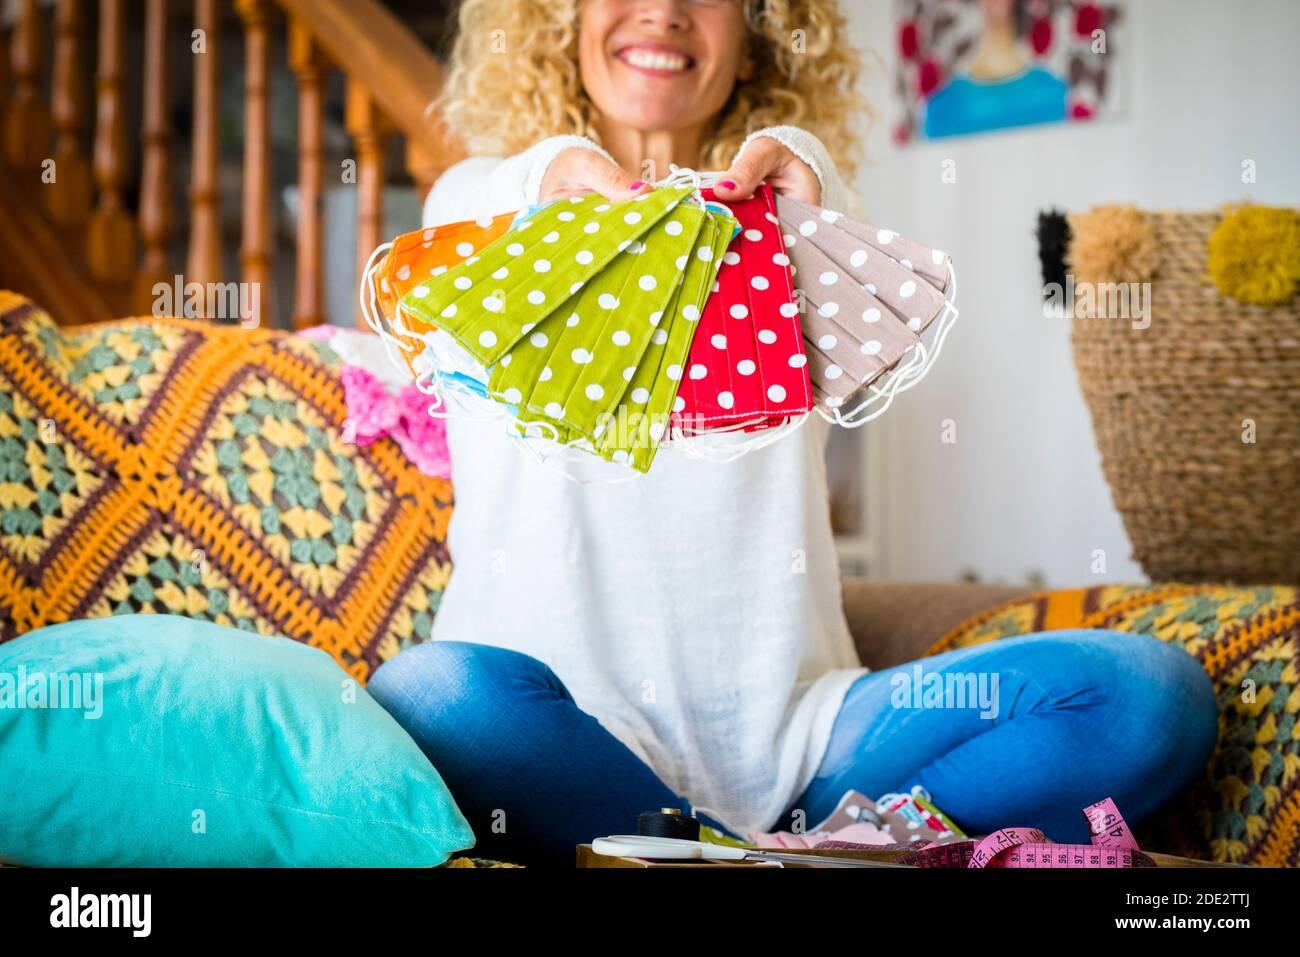 Une femme joyeuse à la maison montre sa main fait la mode tendance masque facial pour la protection du coronavirus covid-19 pendant les restrictions de verrouillage d'urgence Banque D'Images